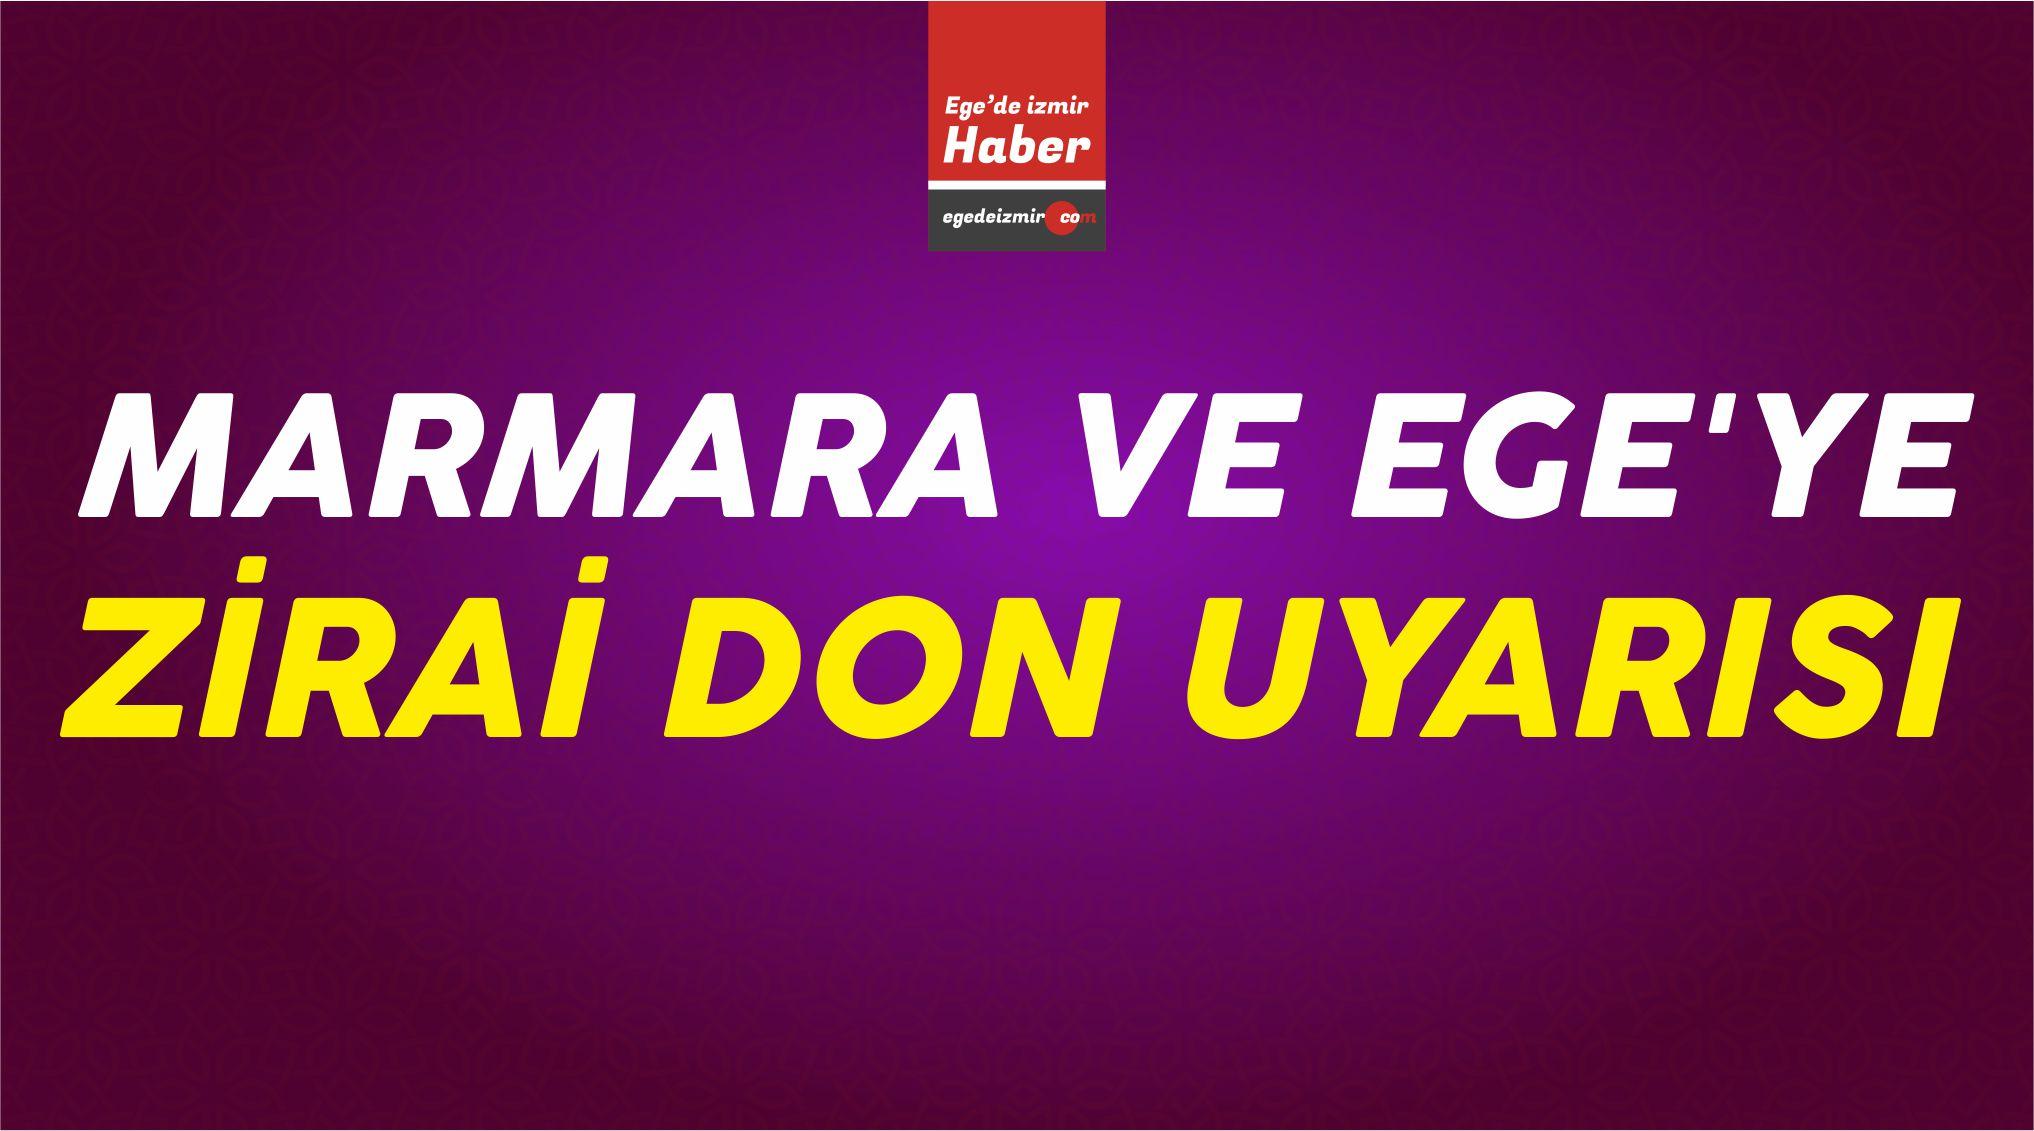 Marmara ve Ege'ye Zirai Don Uyarısı